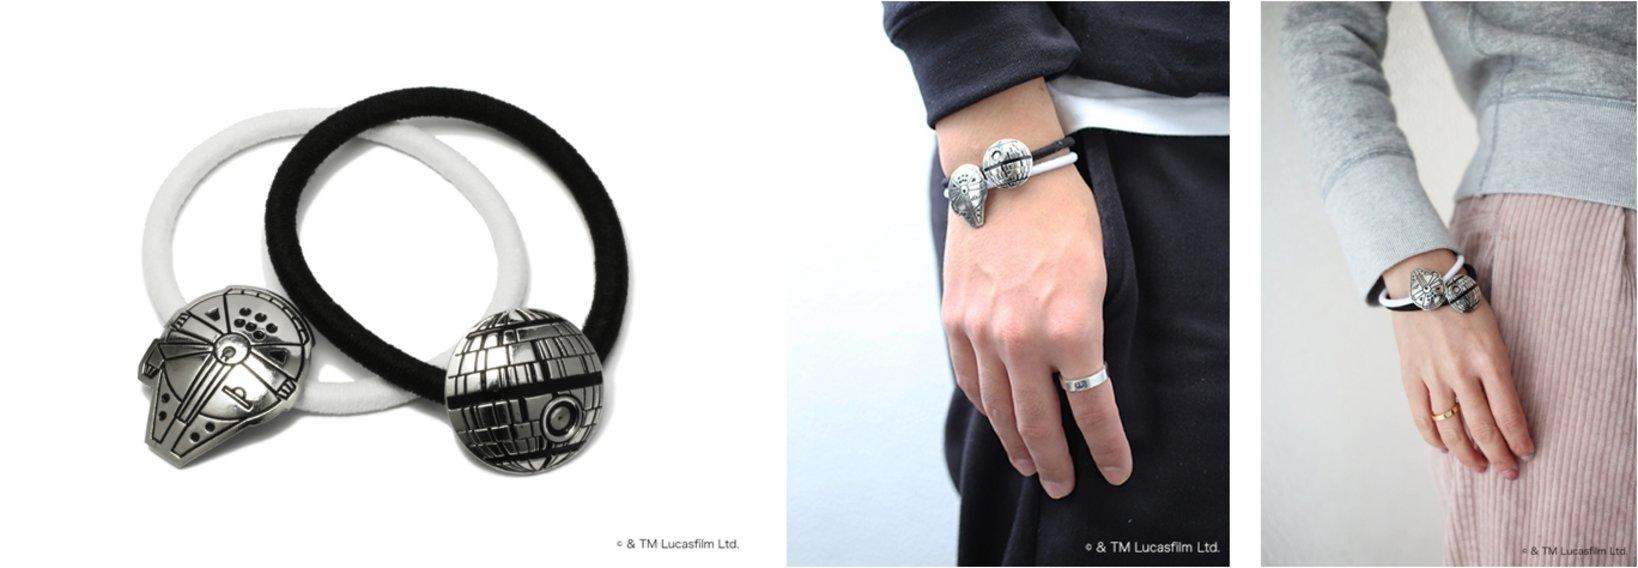 価格: Black _ ¥3,000円(税別)、 White_ ¥3,000円(税別)